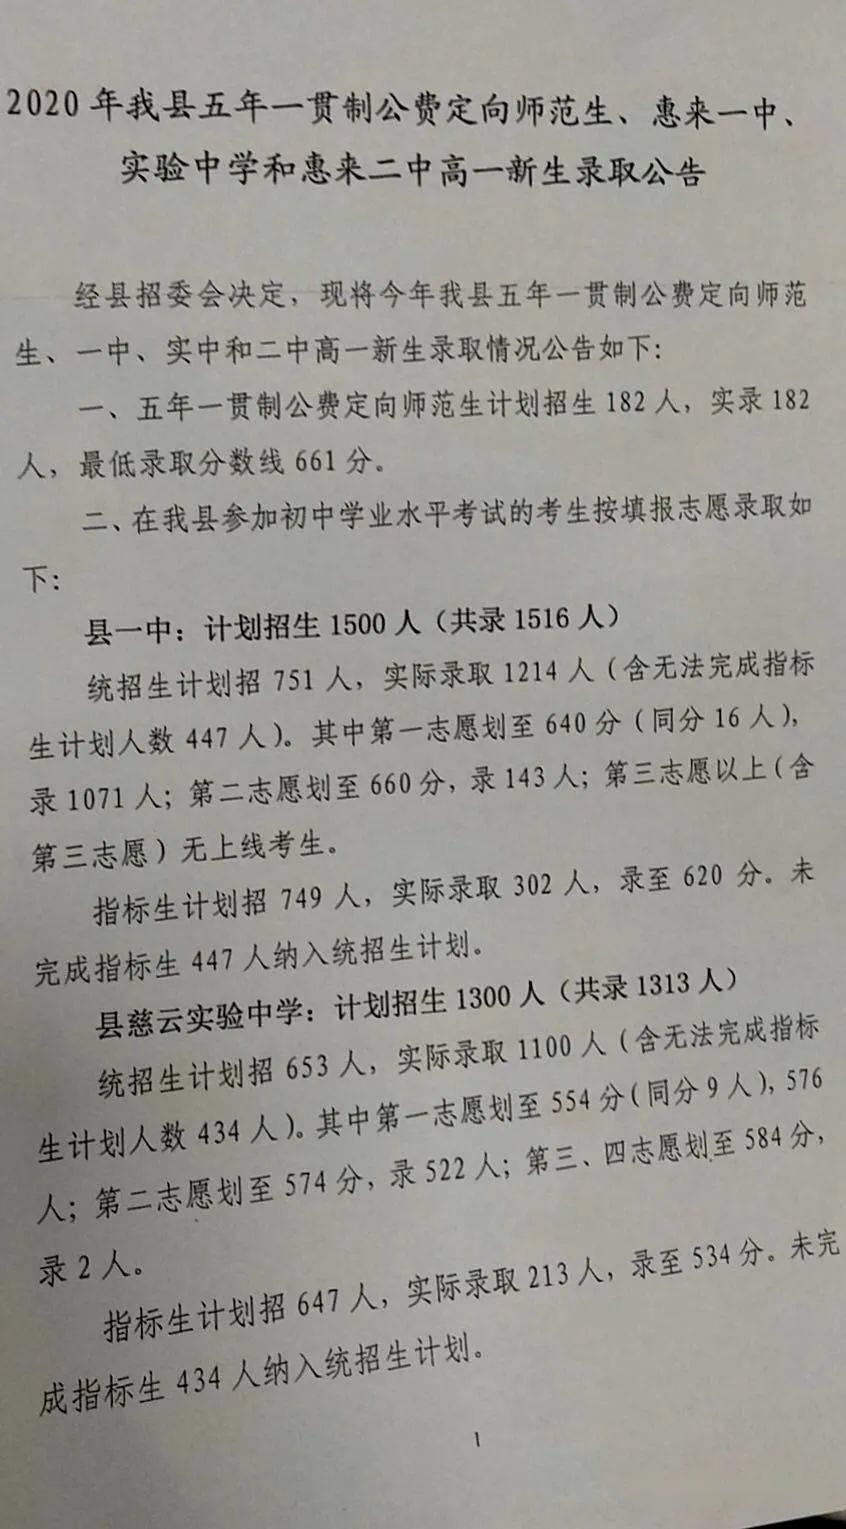 2020惠来县各高中录取分数线公布(含五年一贯制师范生)